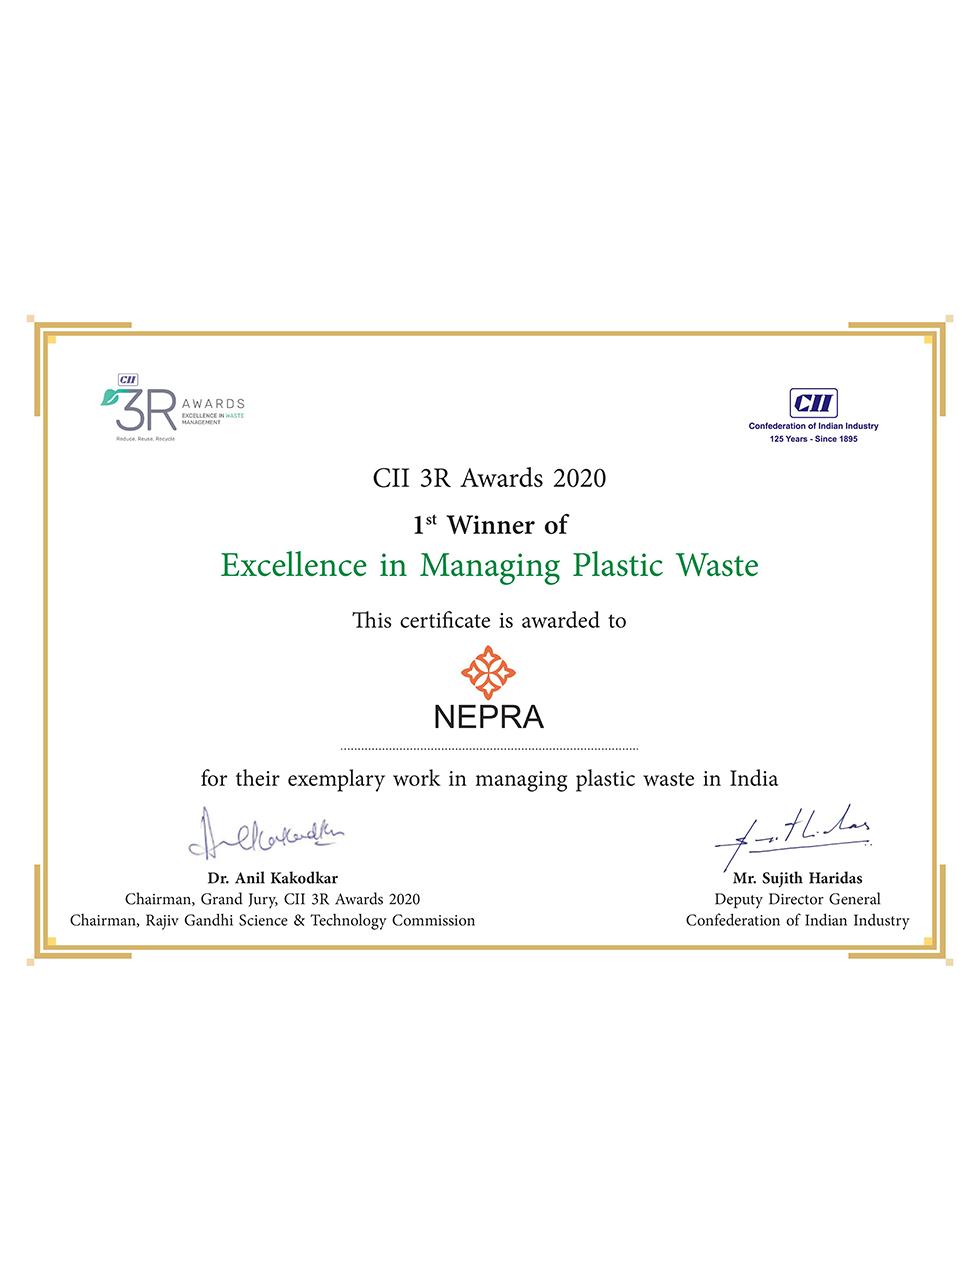 CII 3R Awards 2020